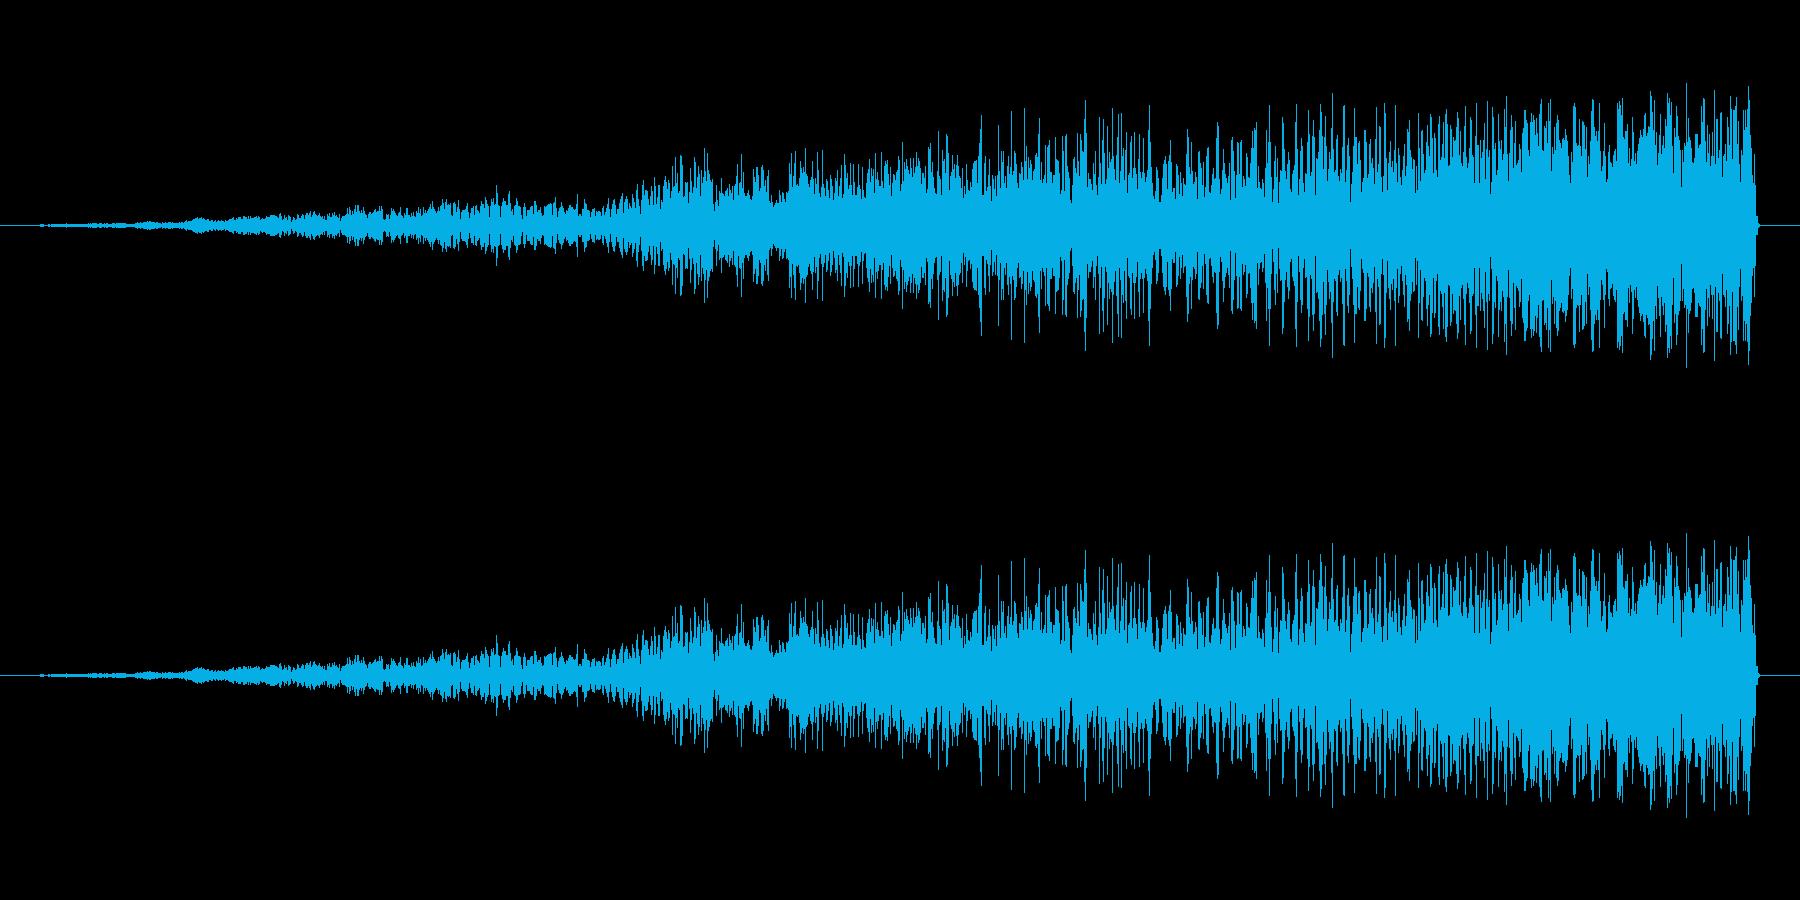 シュァァァ〜ブ〜シュァプッ(機械音)の再生済みの波形